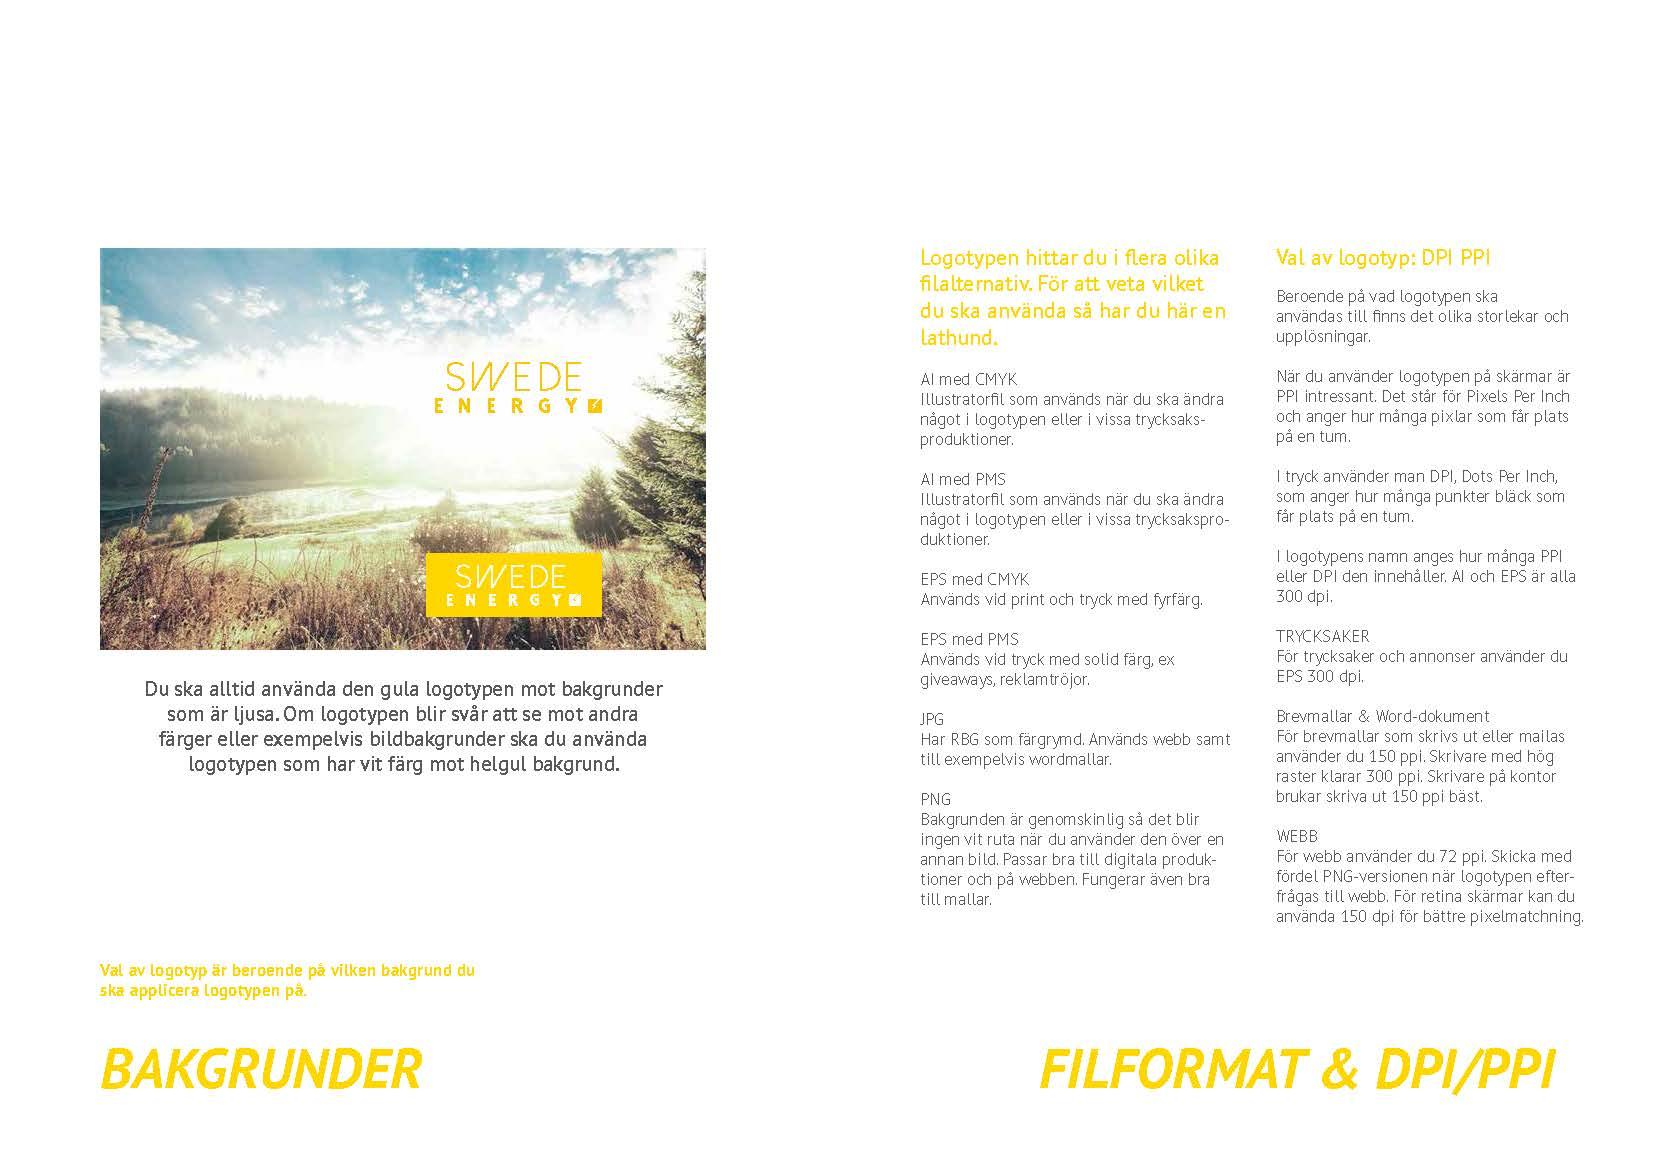 Swede Energy Varumärke & Profil 2014_Sida_13